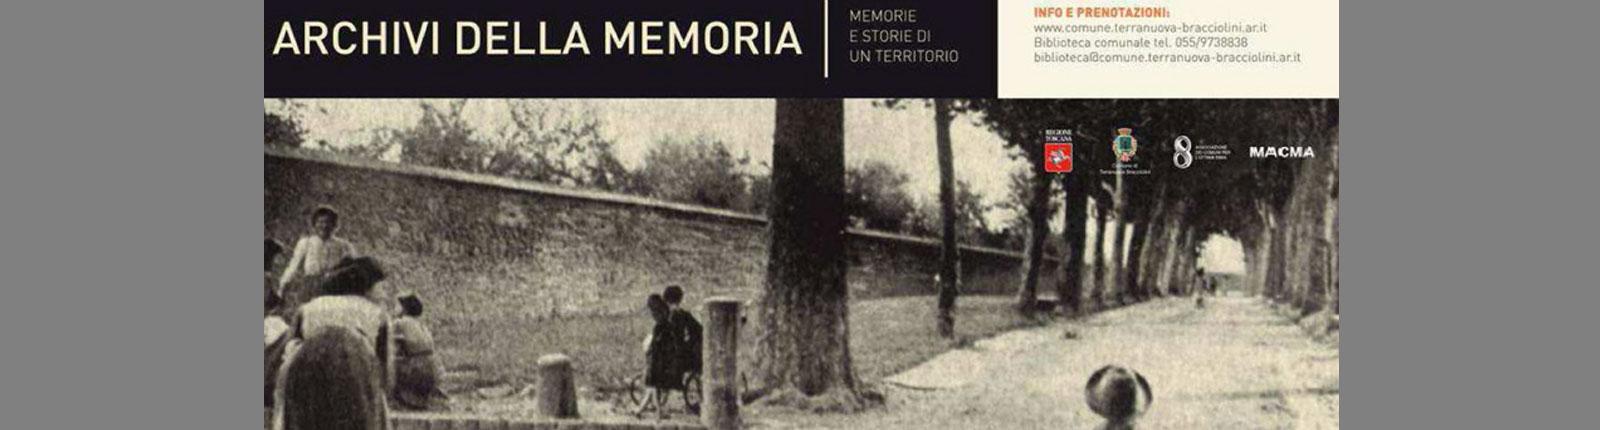 Memorie e storie di un territorio